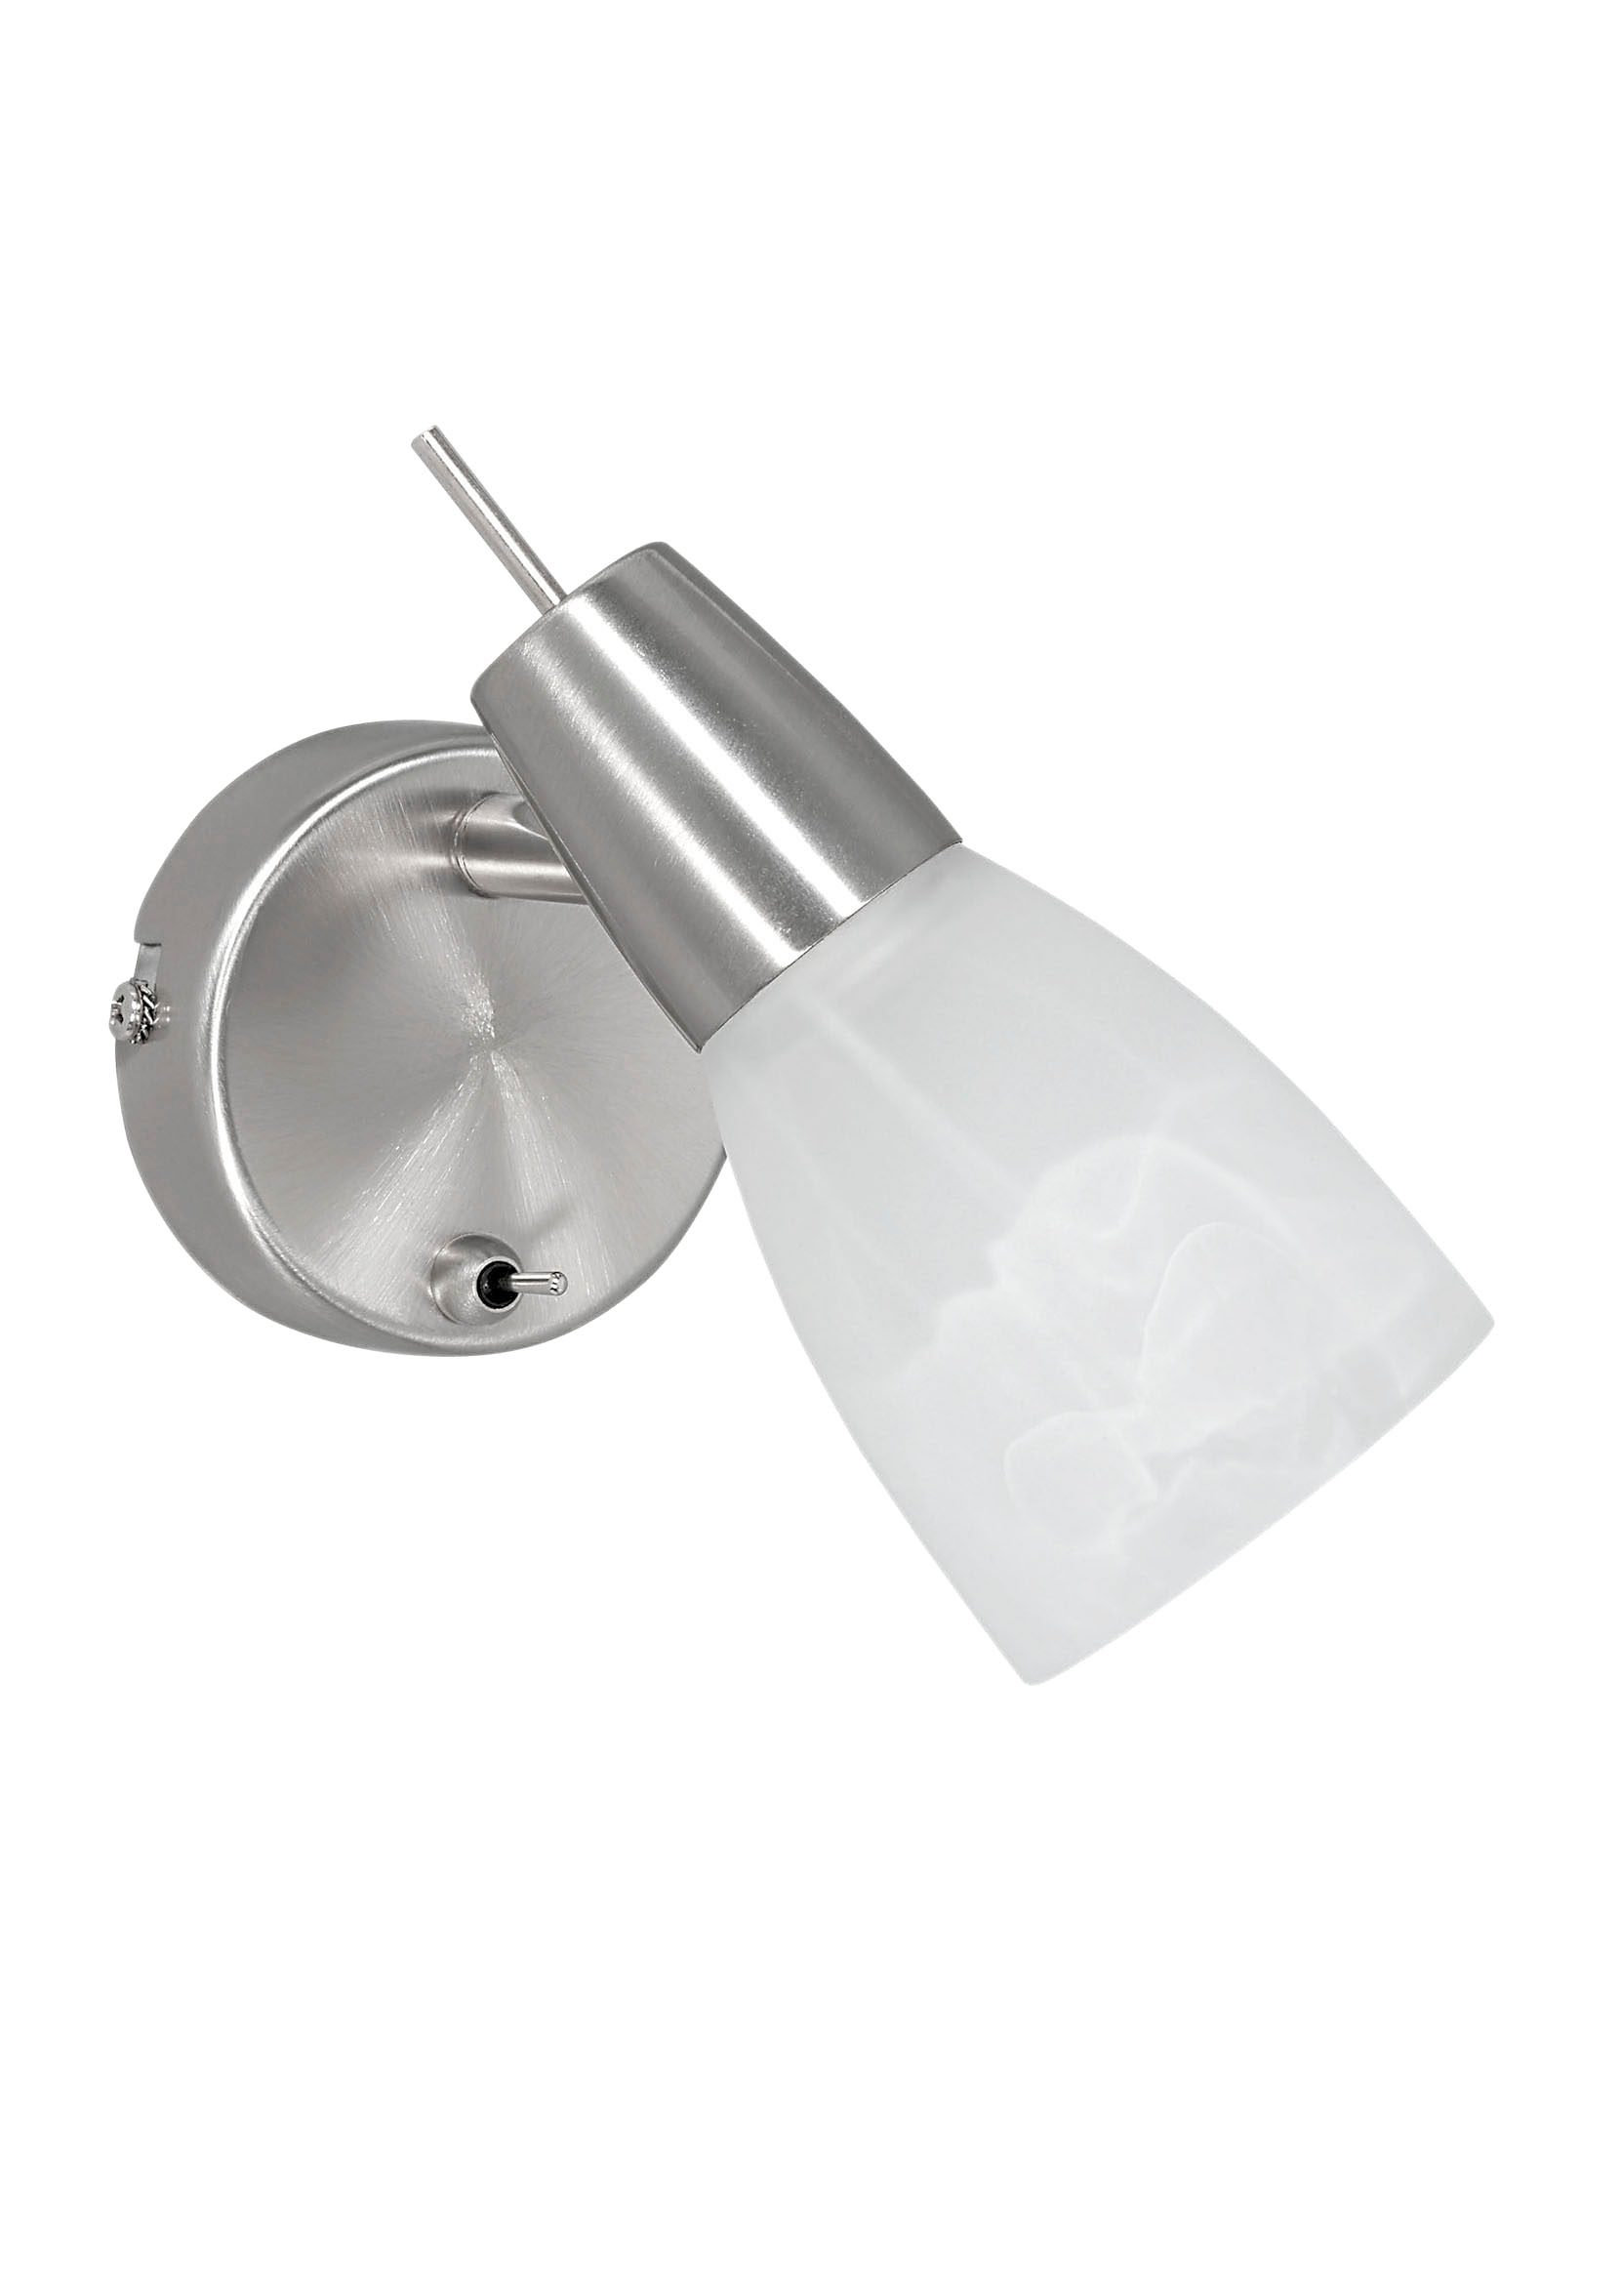 LED-Wandlampe, Leuchten Direkt (1flg.)